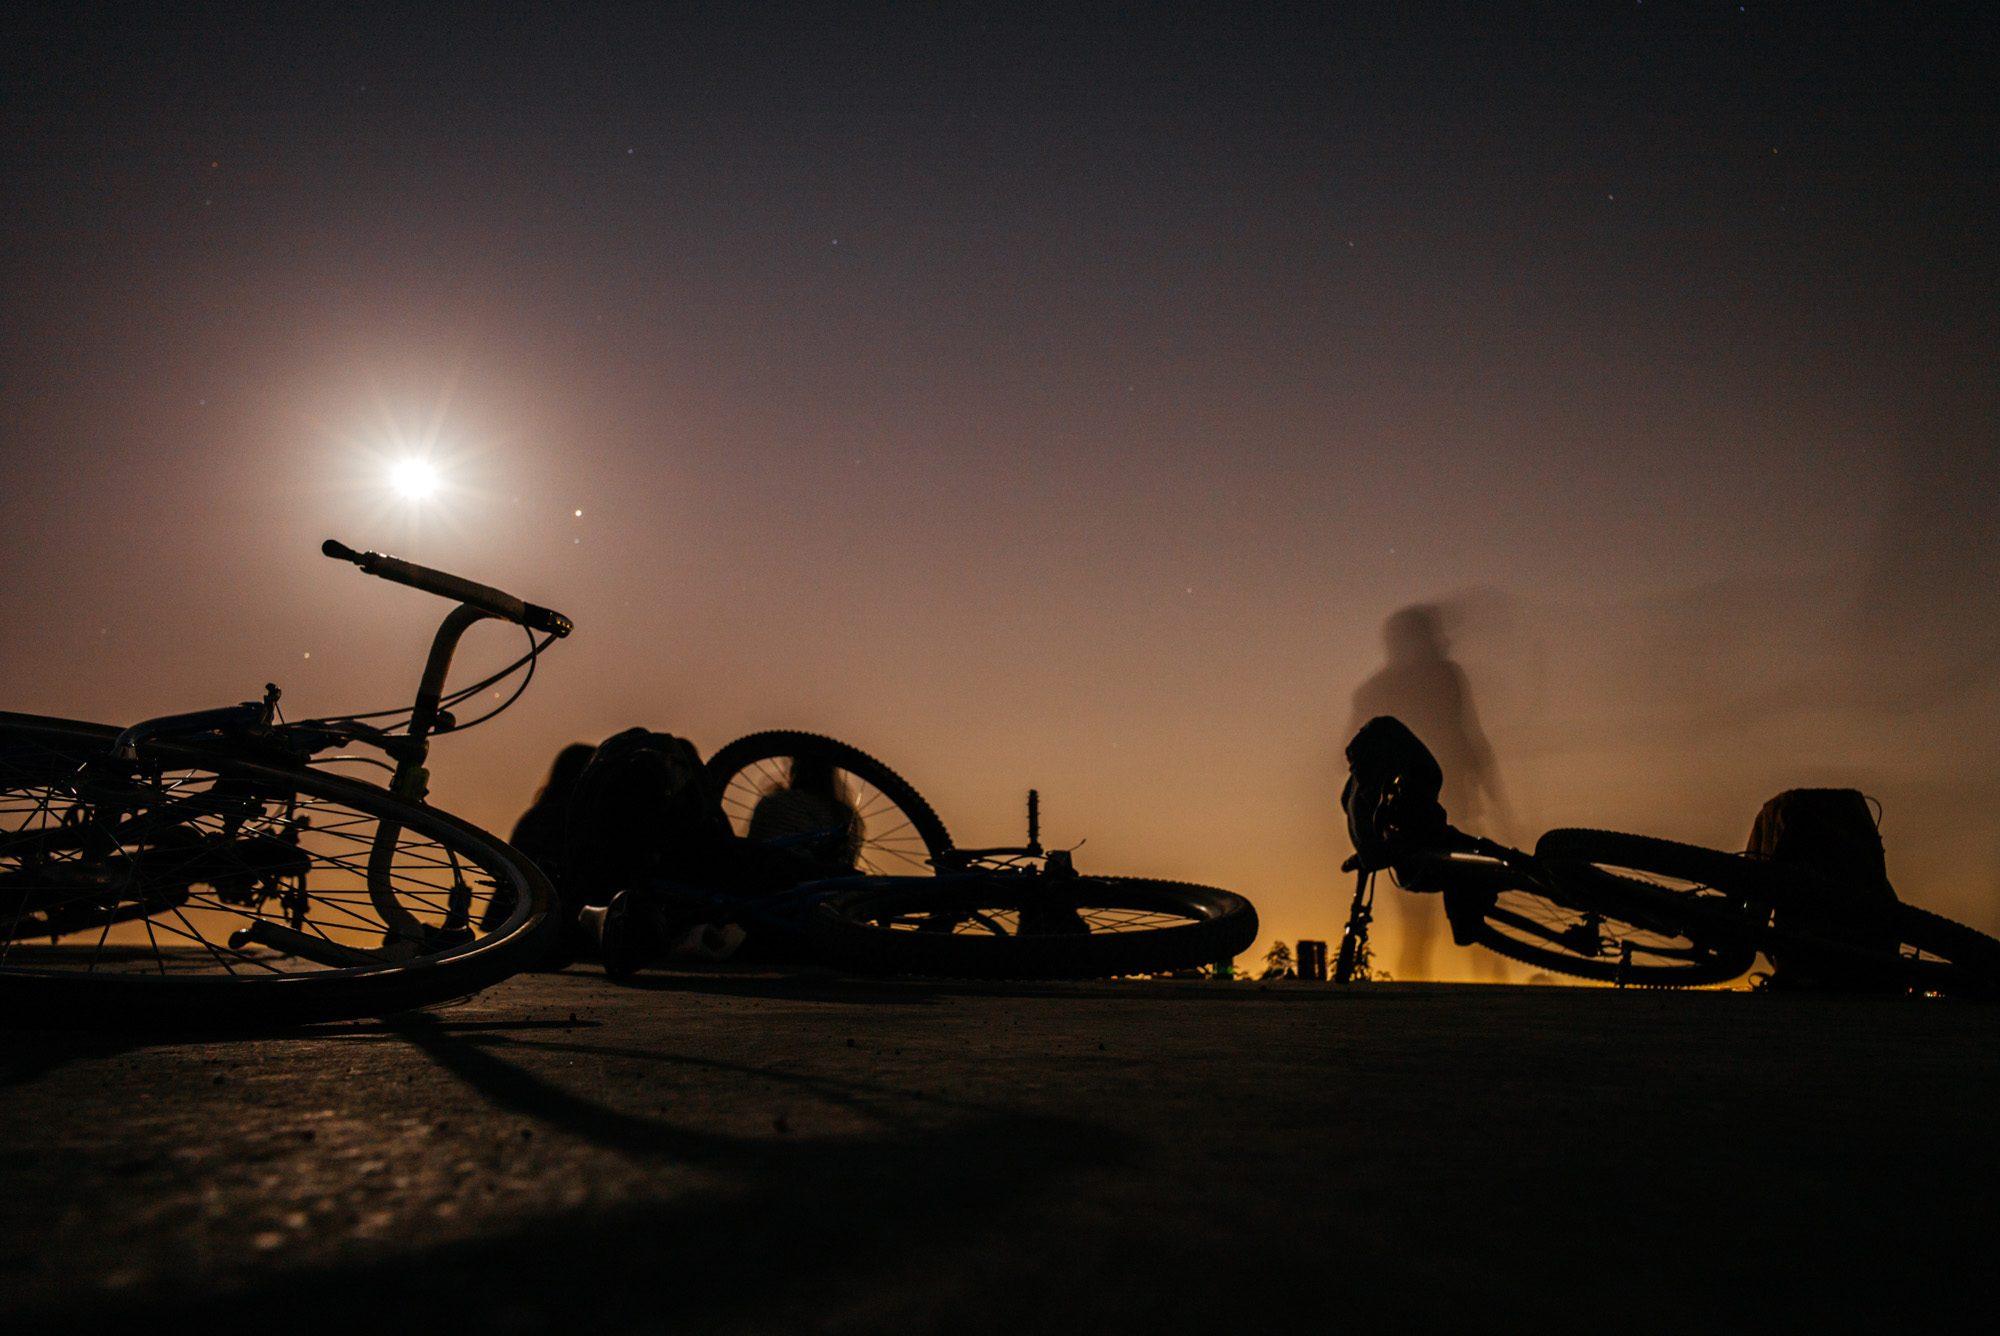 Full moon ride!